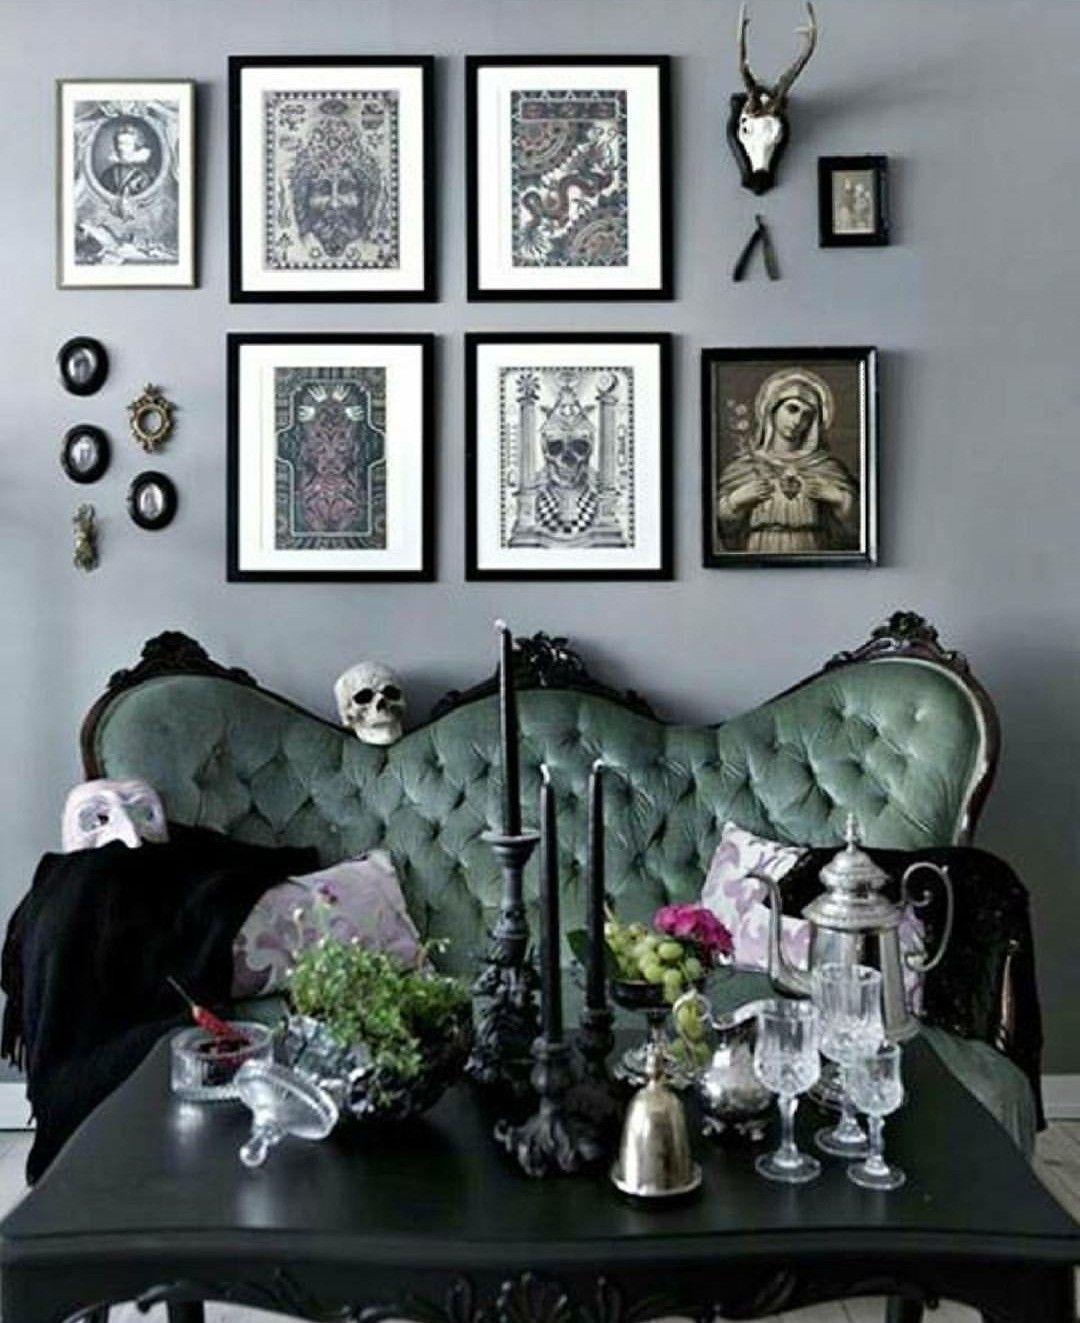 Heimkino schlafzimmer design-ideen gothic lounge  haus  pinterest  wohnzimmer haus und wohnzimmer ideen